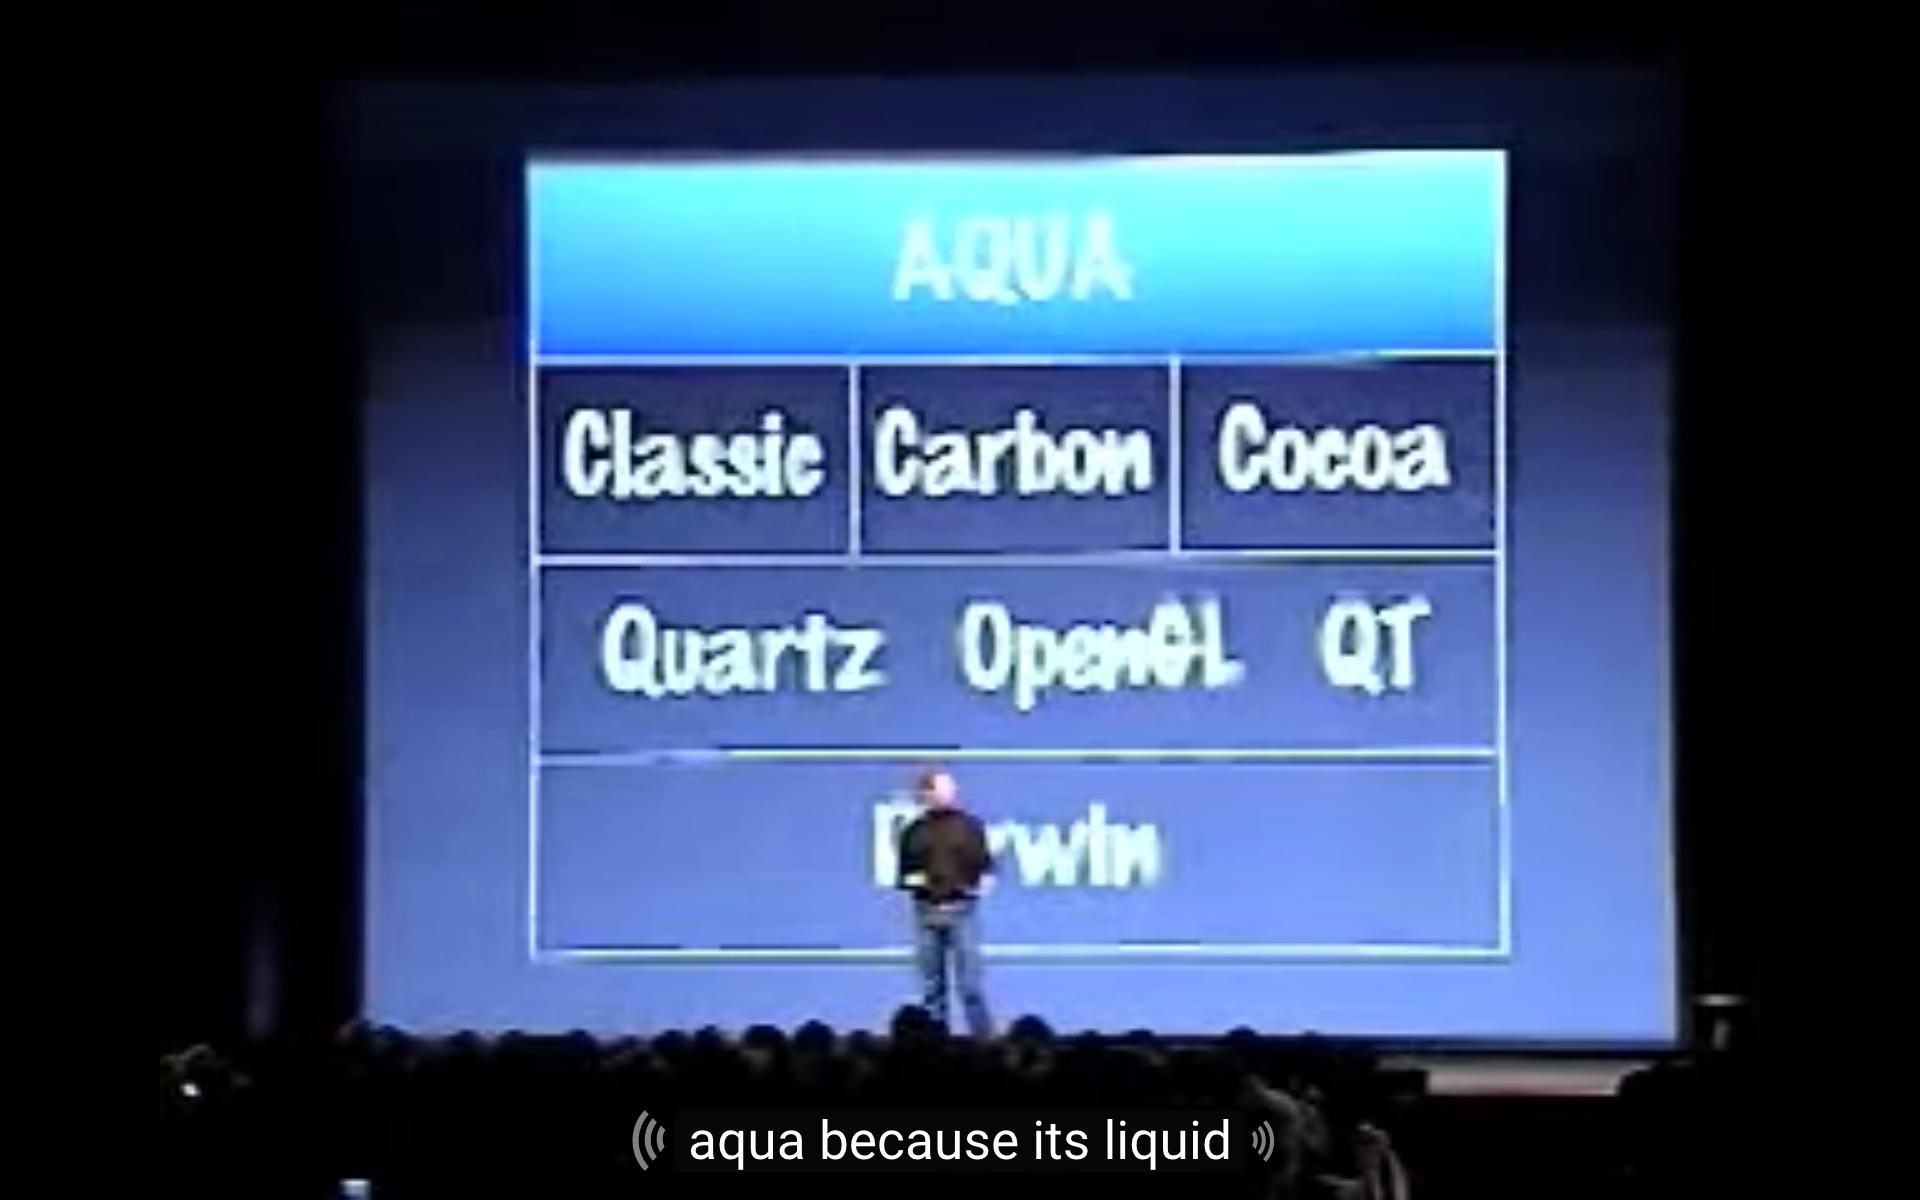 aqua-the-name